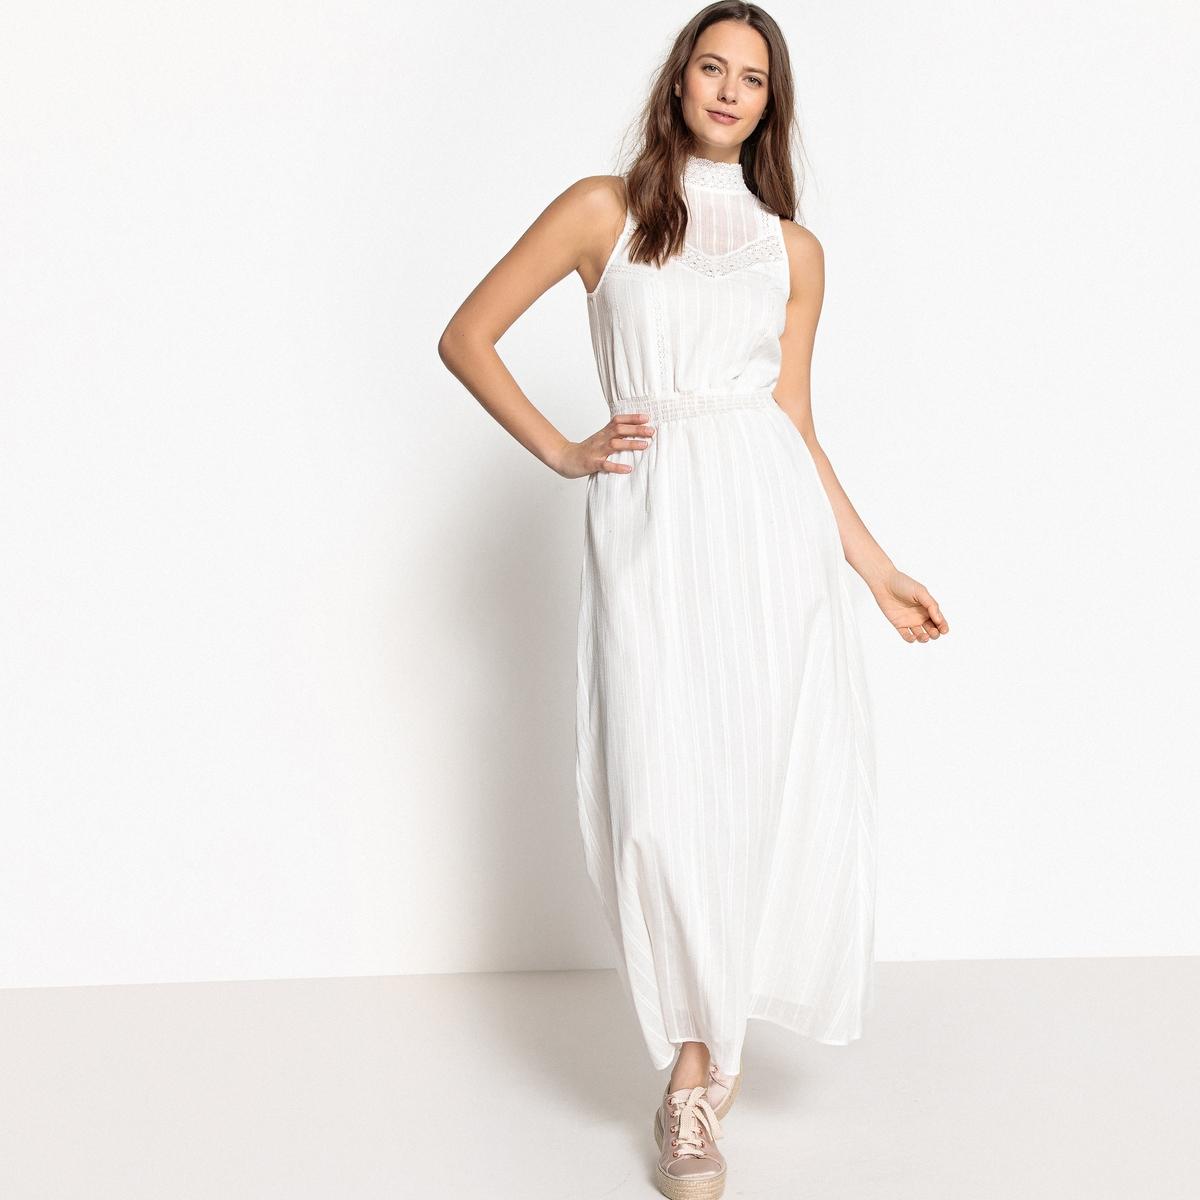 Платье длинное с напуском и вырезом из кружева платье длинное без рукавов из кружева bina